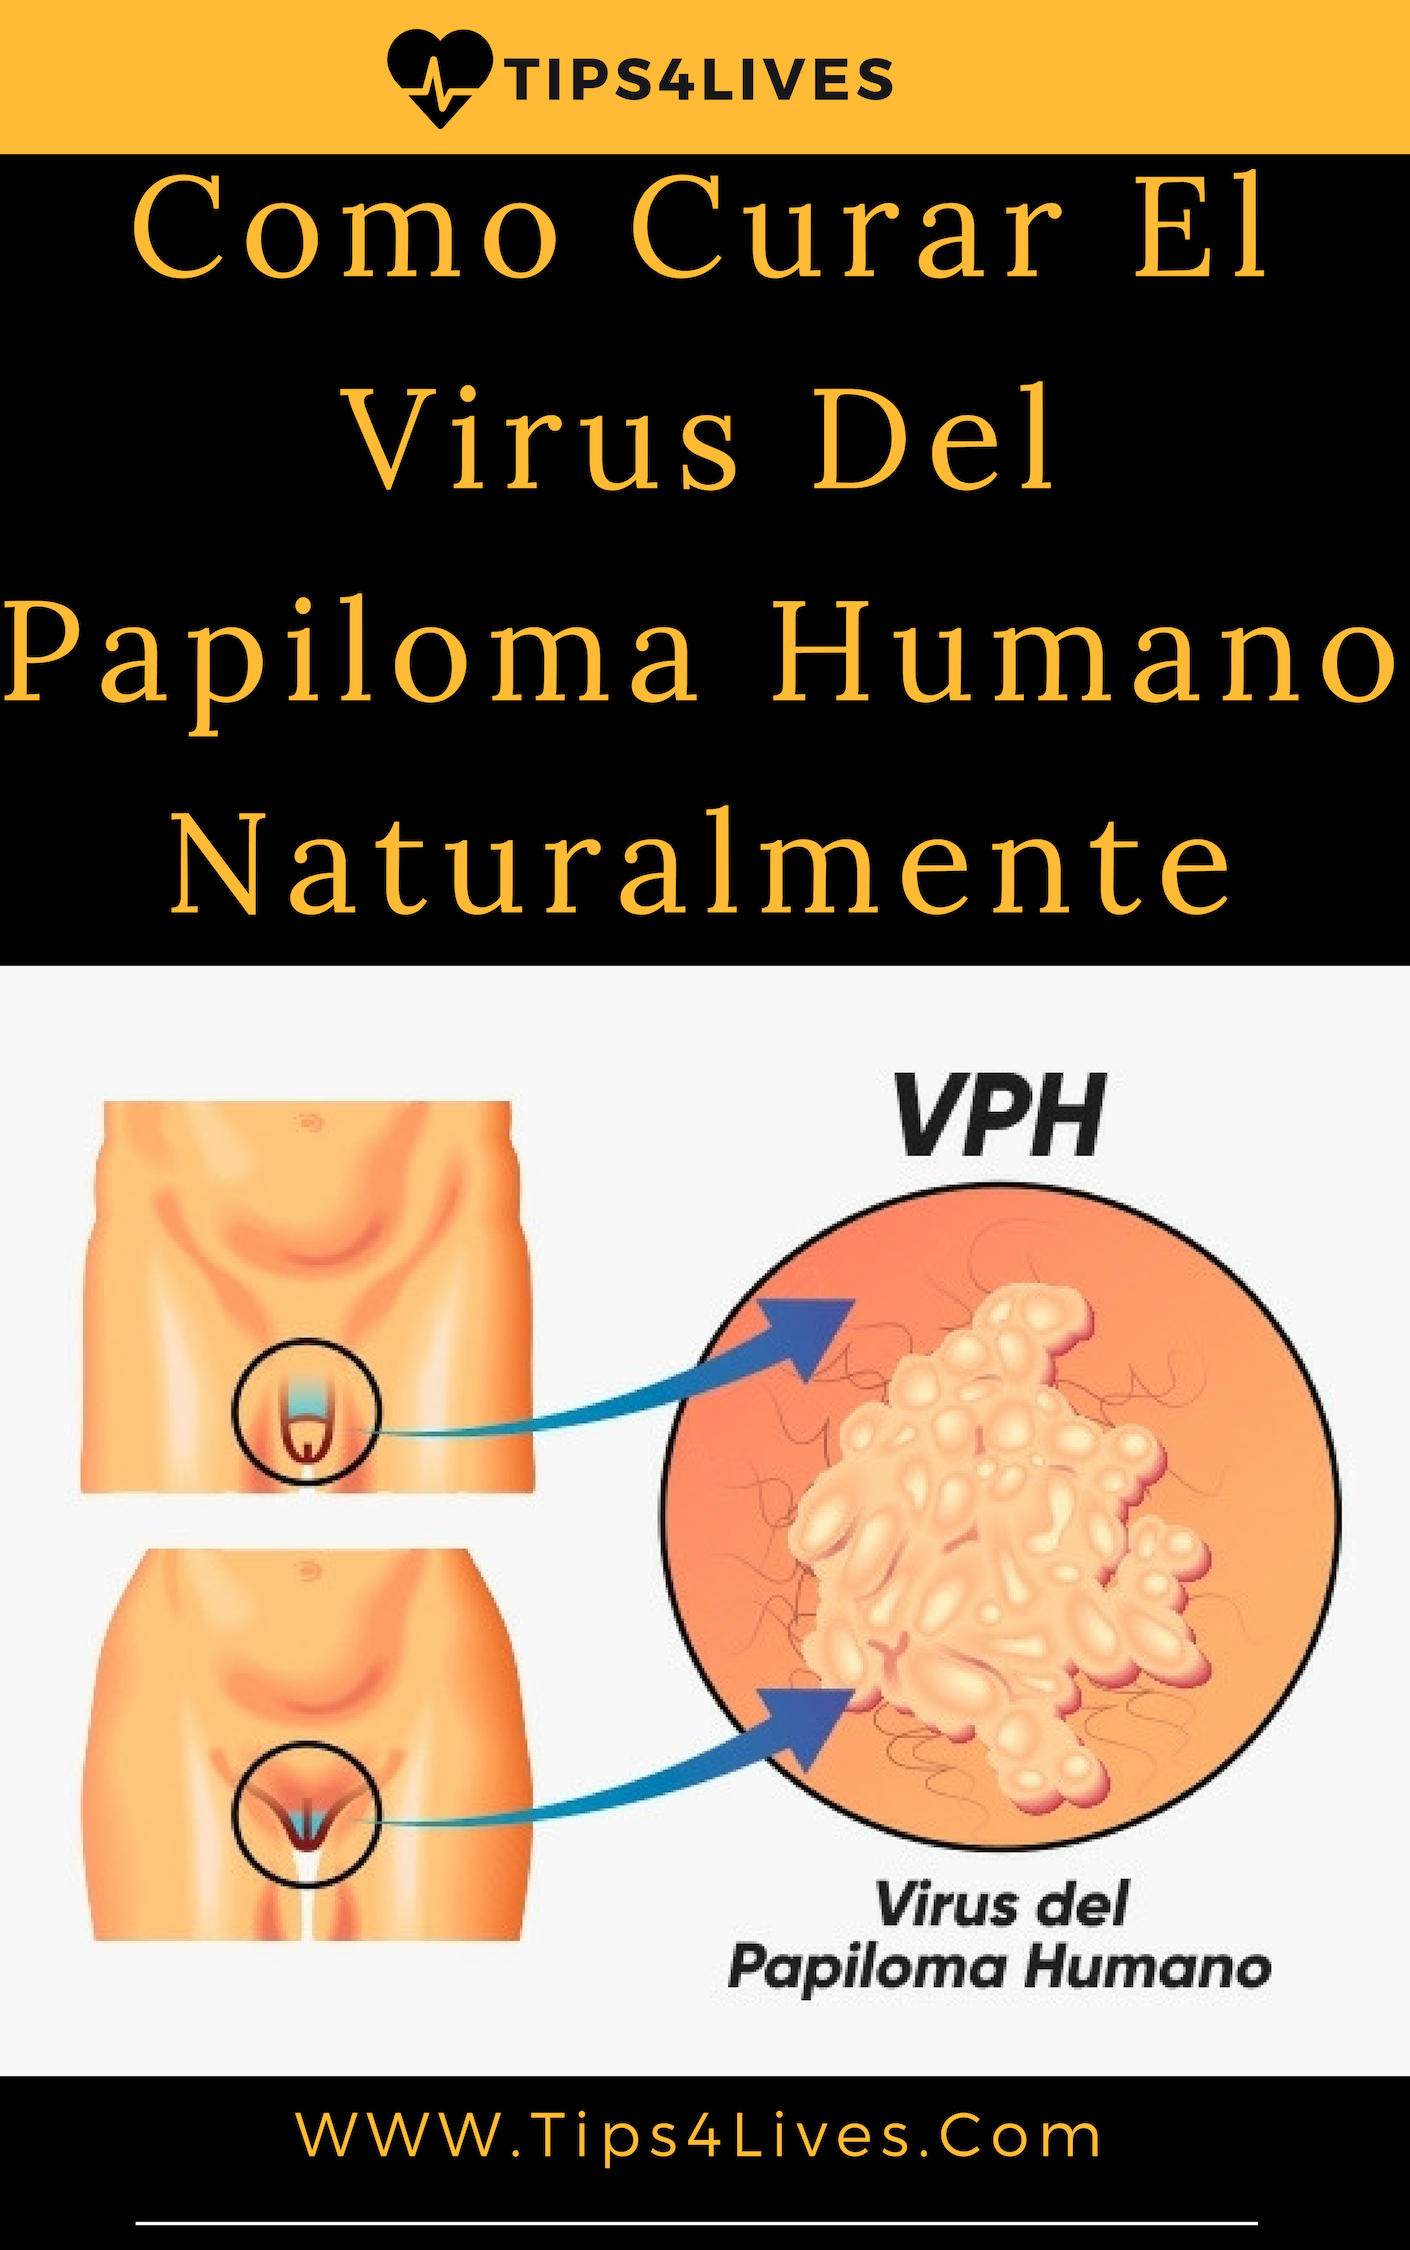 Kiderült, mennyire hatásos a HPV-vakcina - HáziPatika